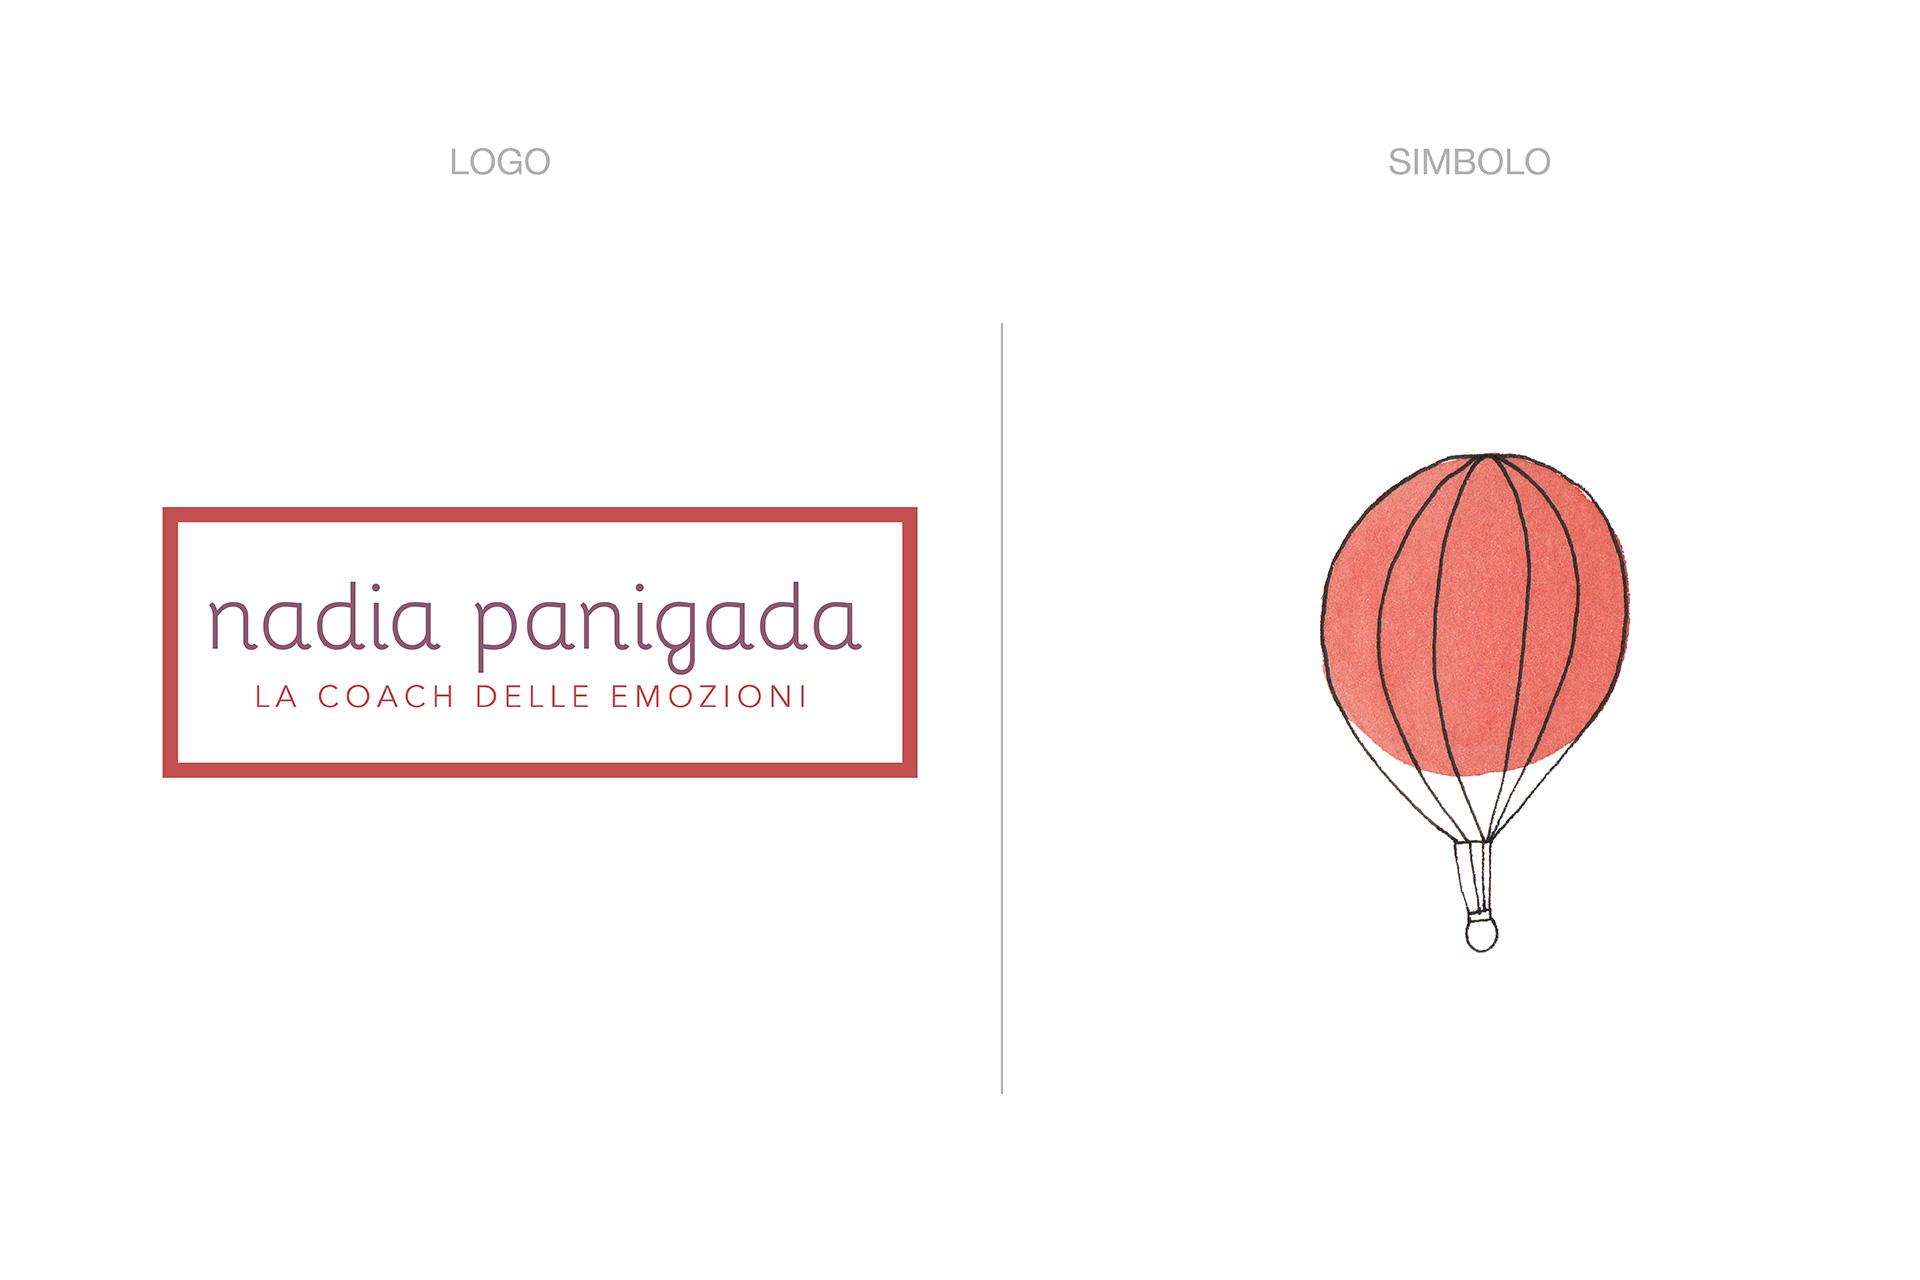 Nadia Panigada - la Coach delle emozioni